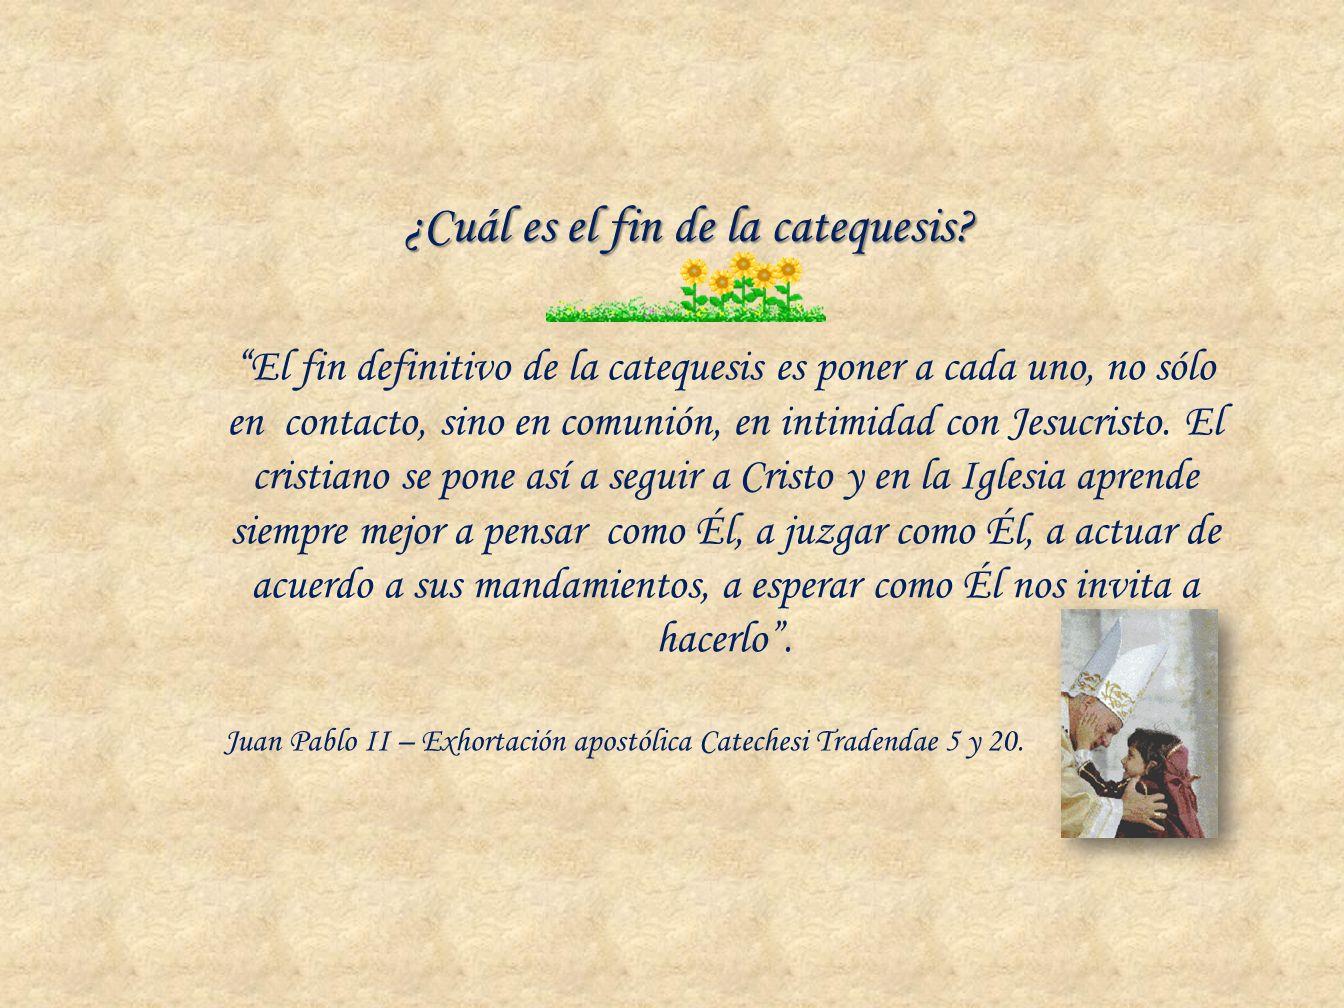 El fin definitivo de la catequesis es poner a cada uno, no sólo en contacto, sino en comunión, en intimidad con Jesucristo.